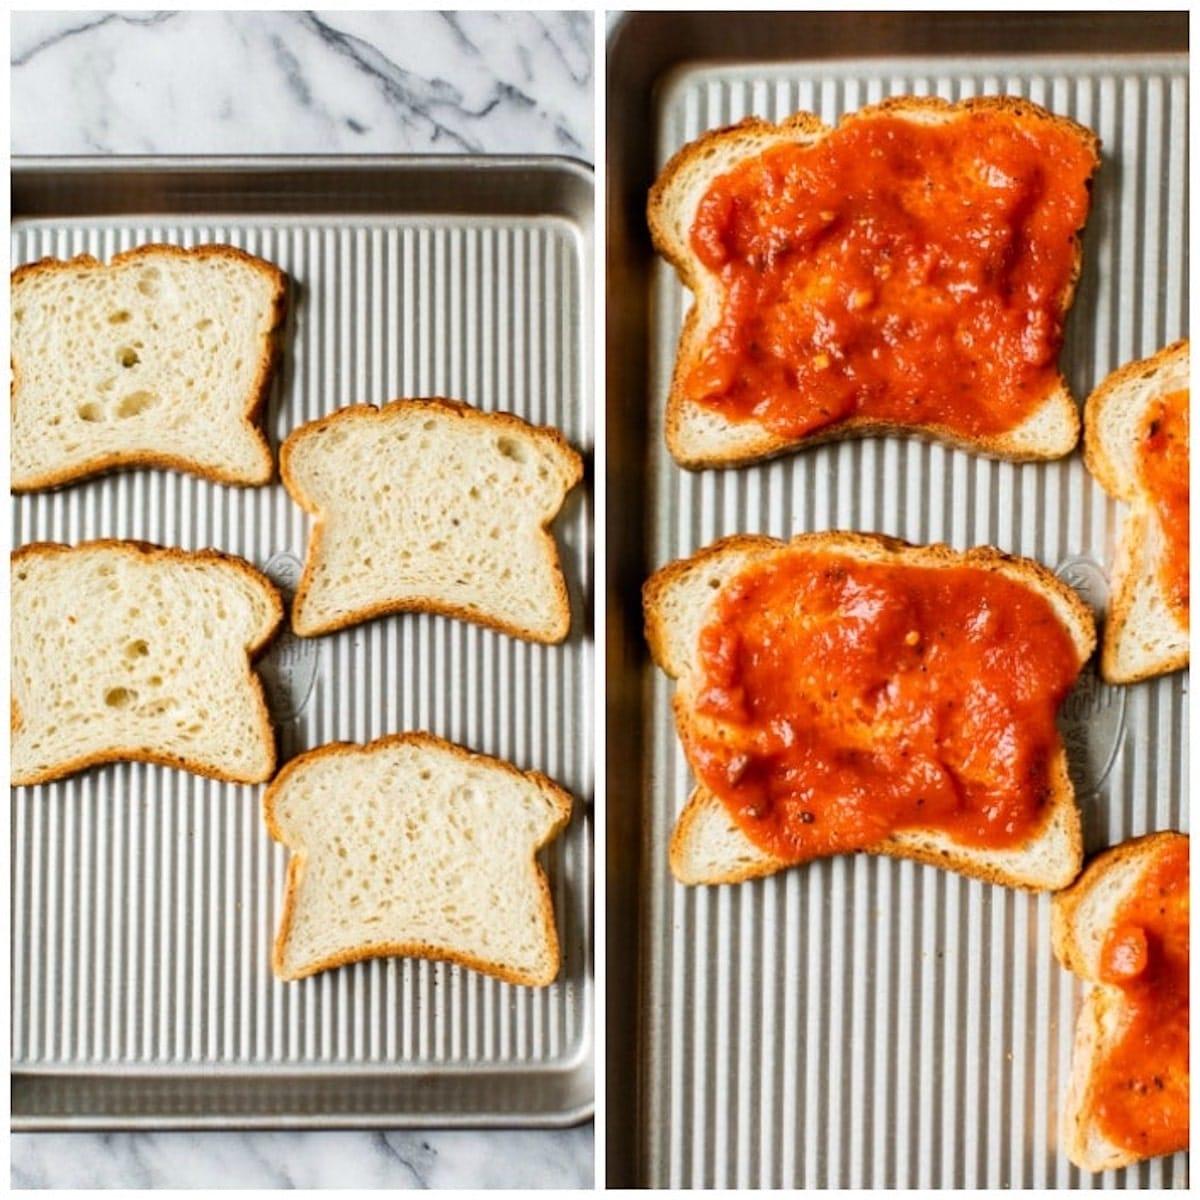 bread on a baking sheet